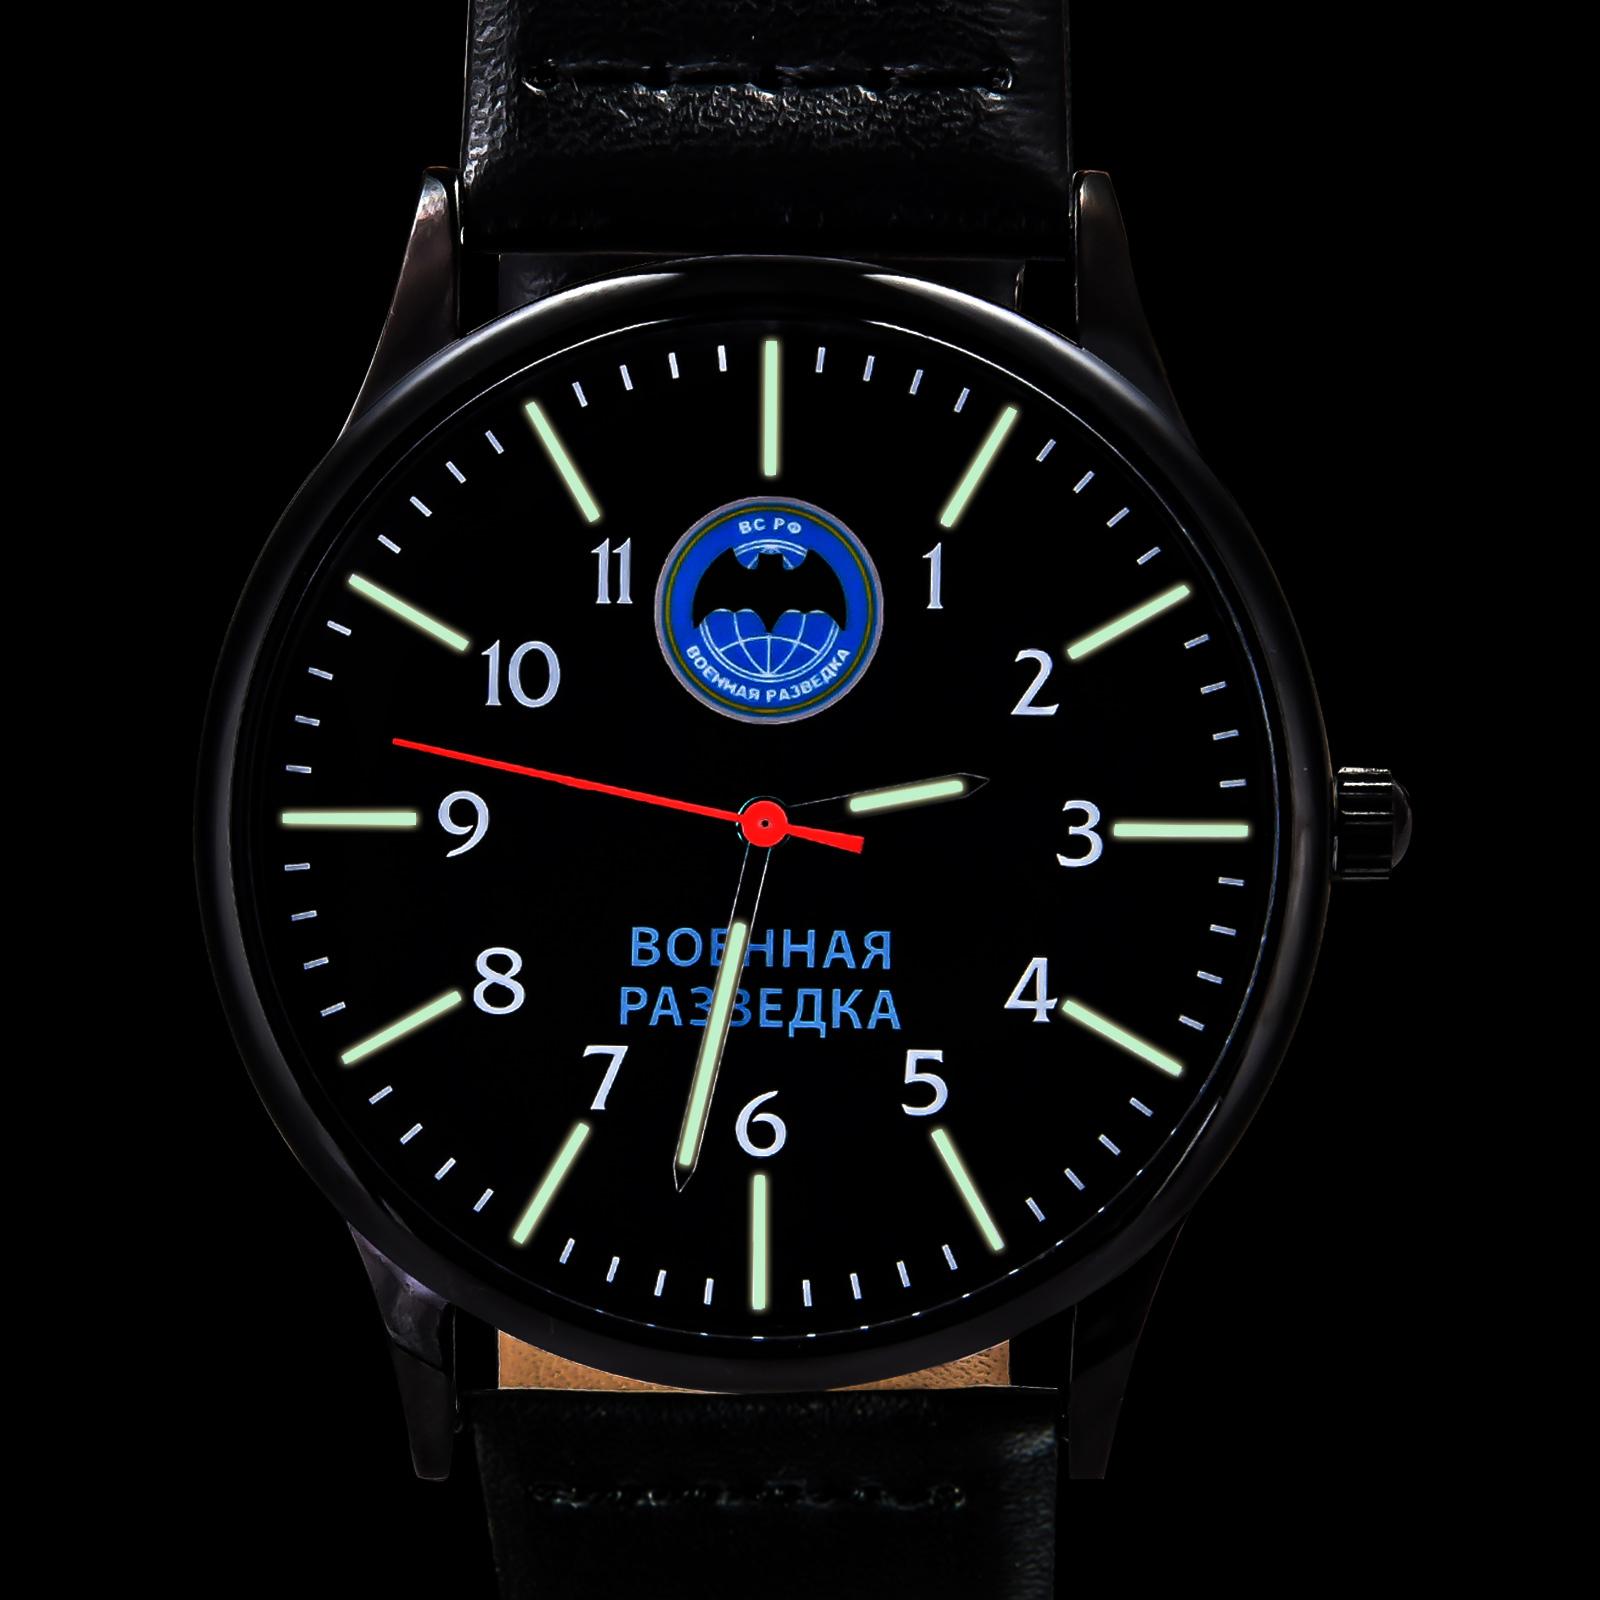 Командирские часы Военная разведка